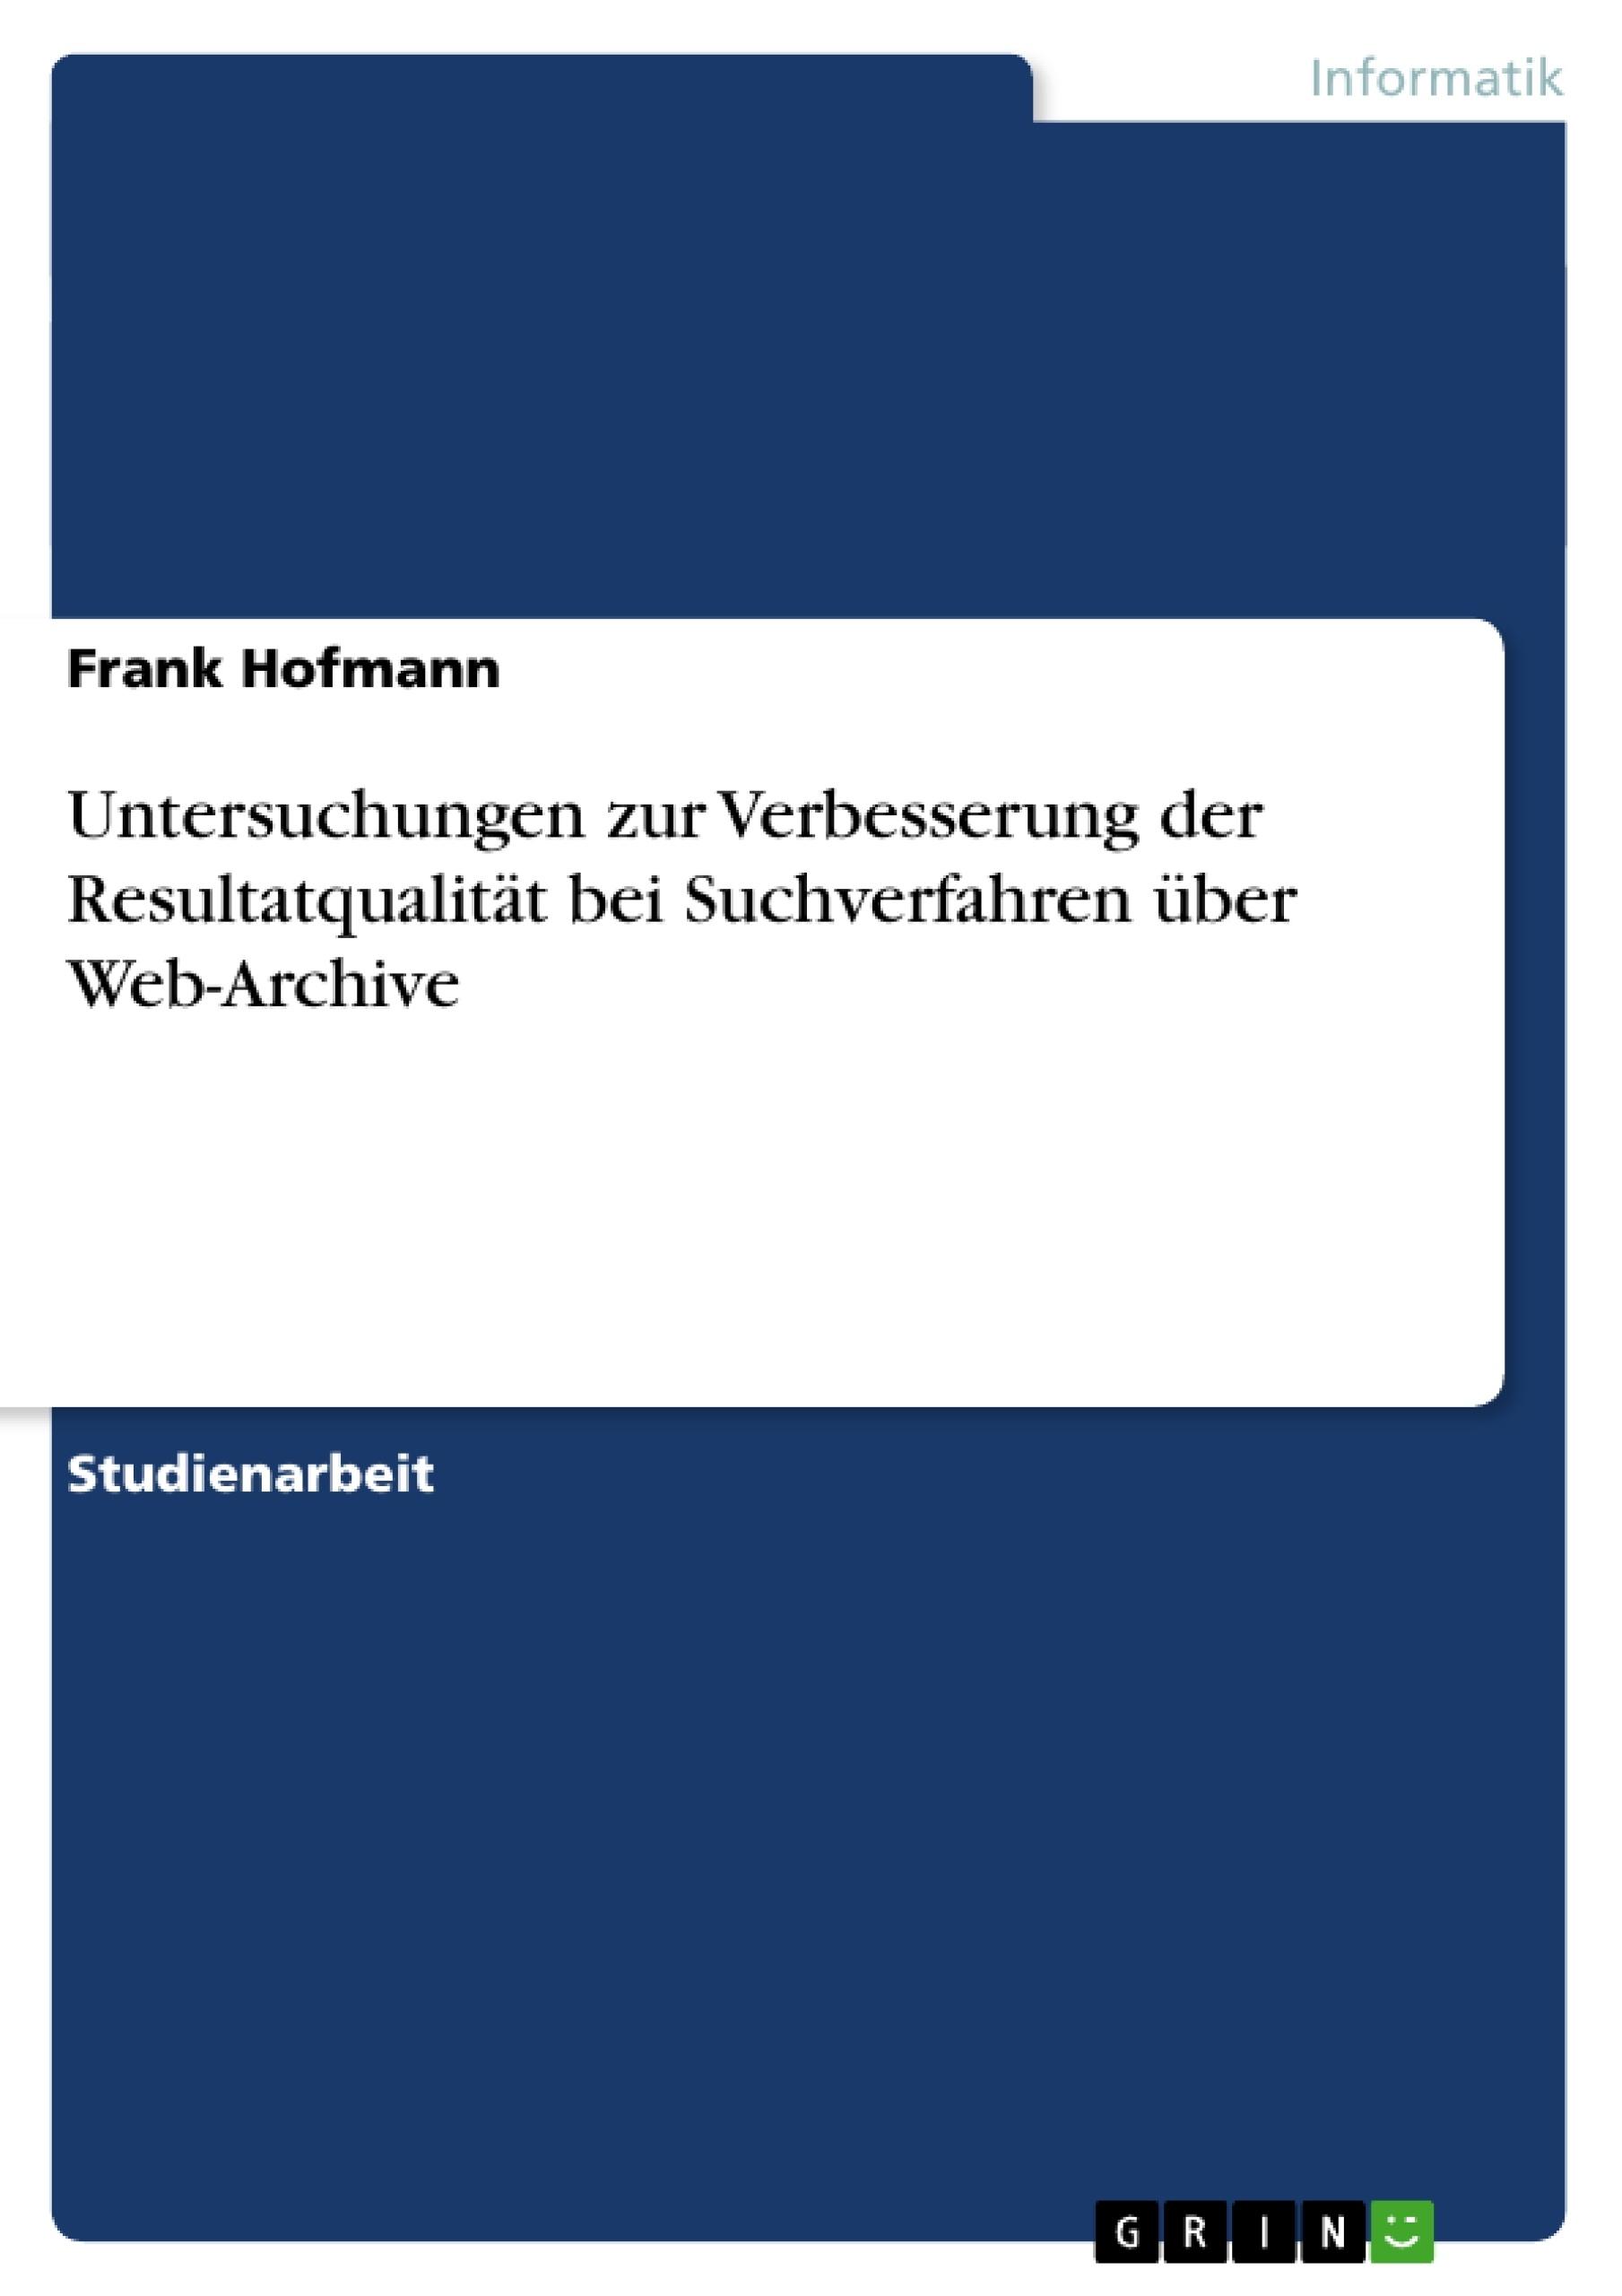 Titel: Untersuchungen zur Verbesserung der Resultatqualität bei Suchverfahren über Web-Archive